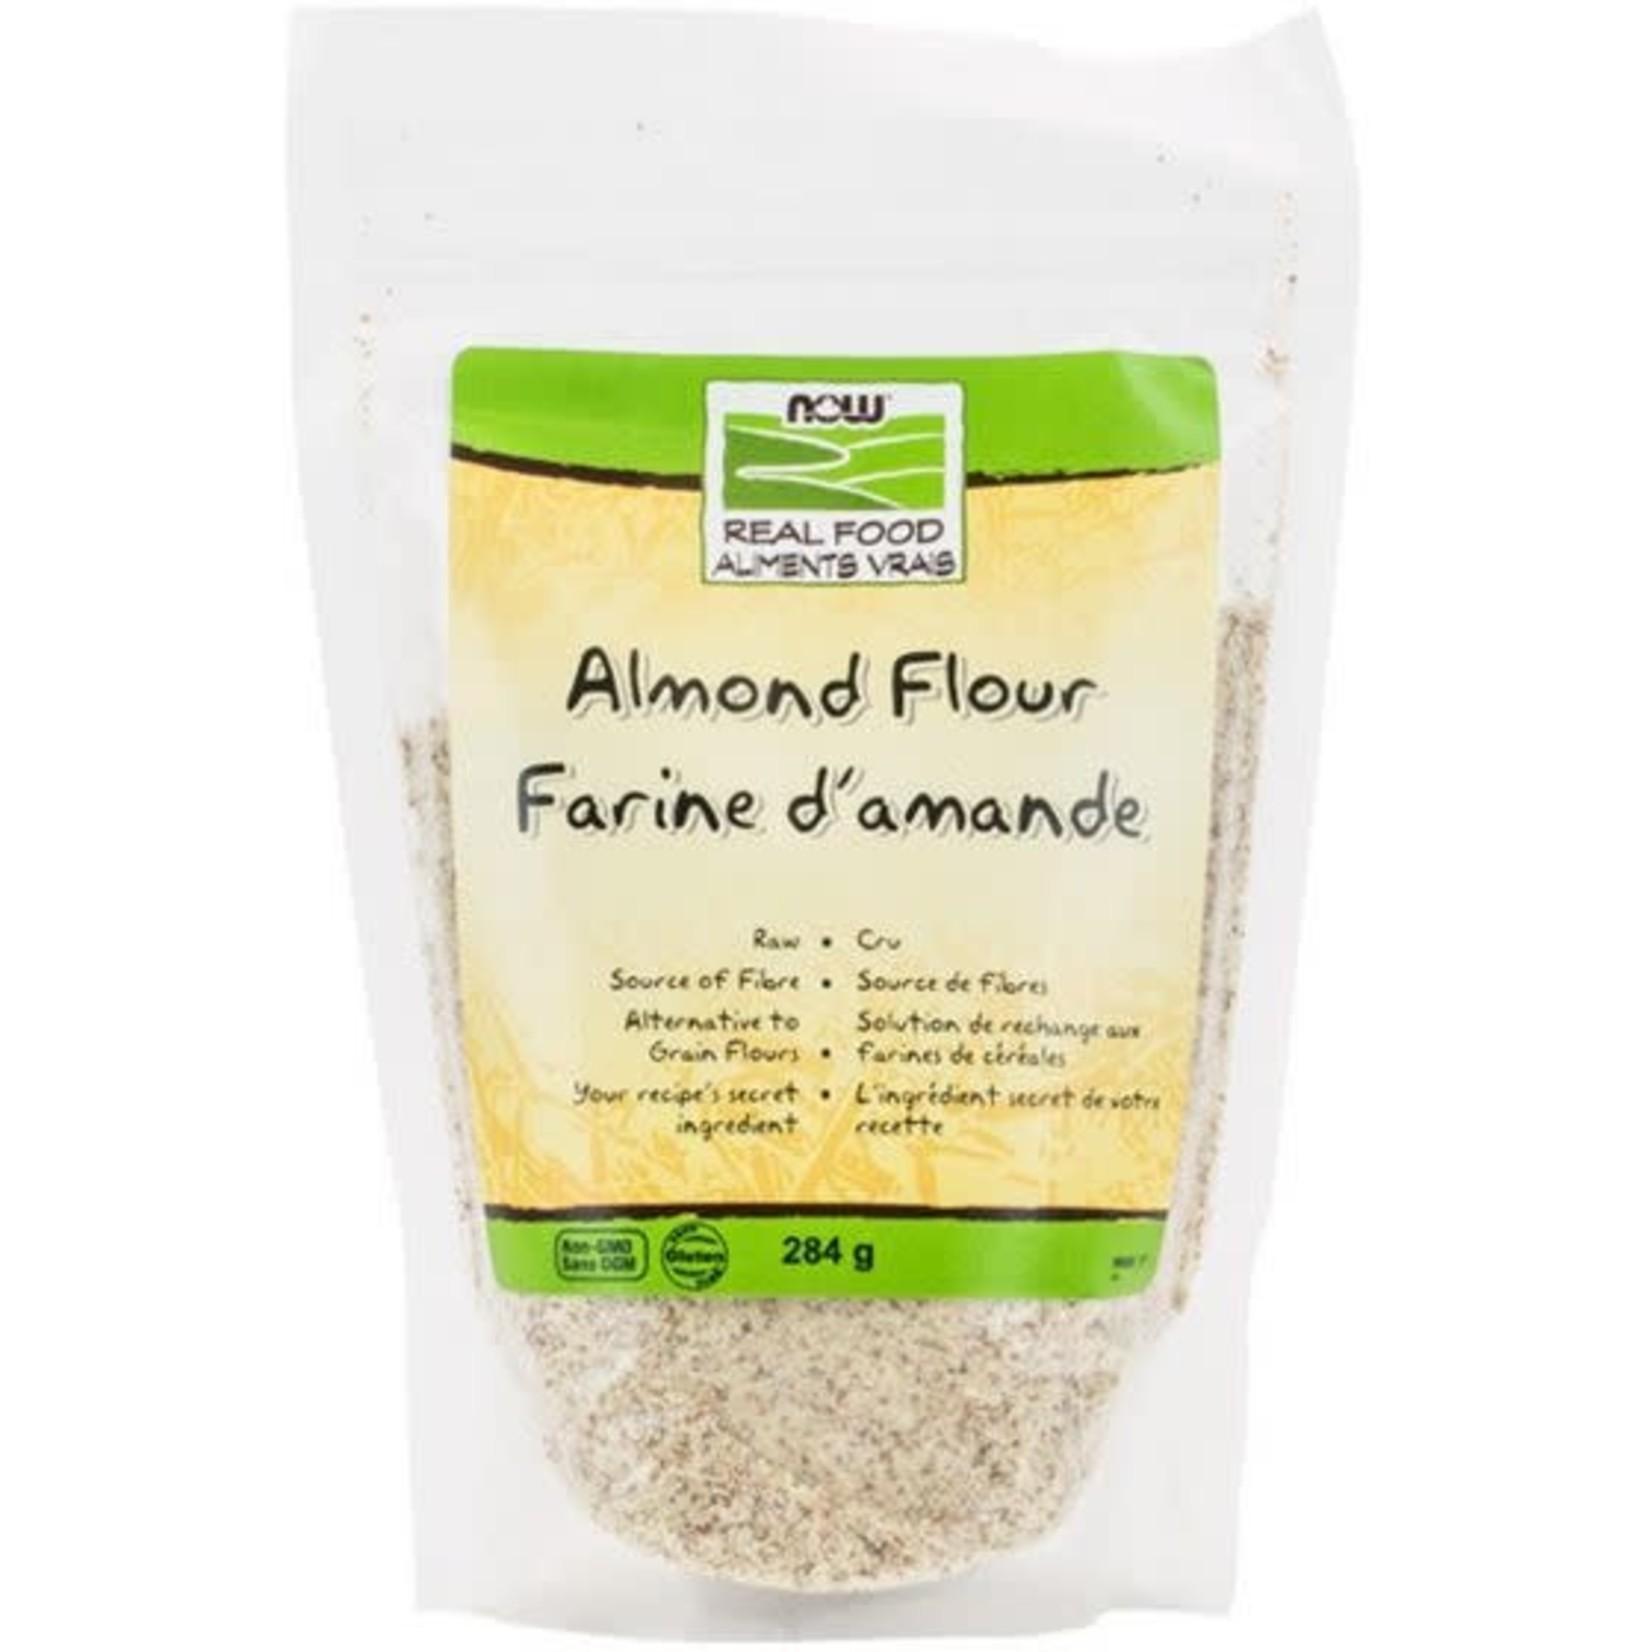 Now Now Almond Flour 284g